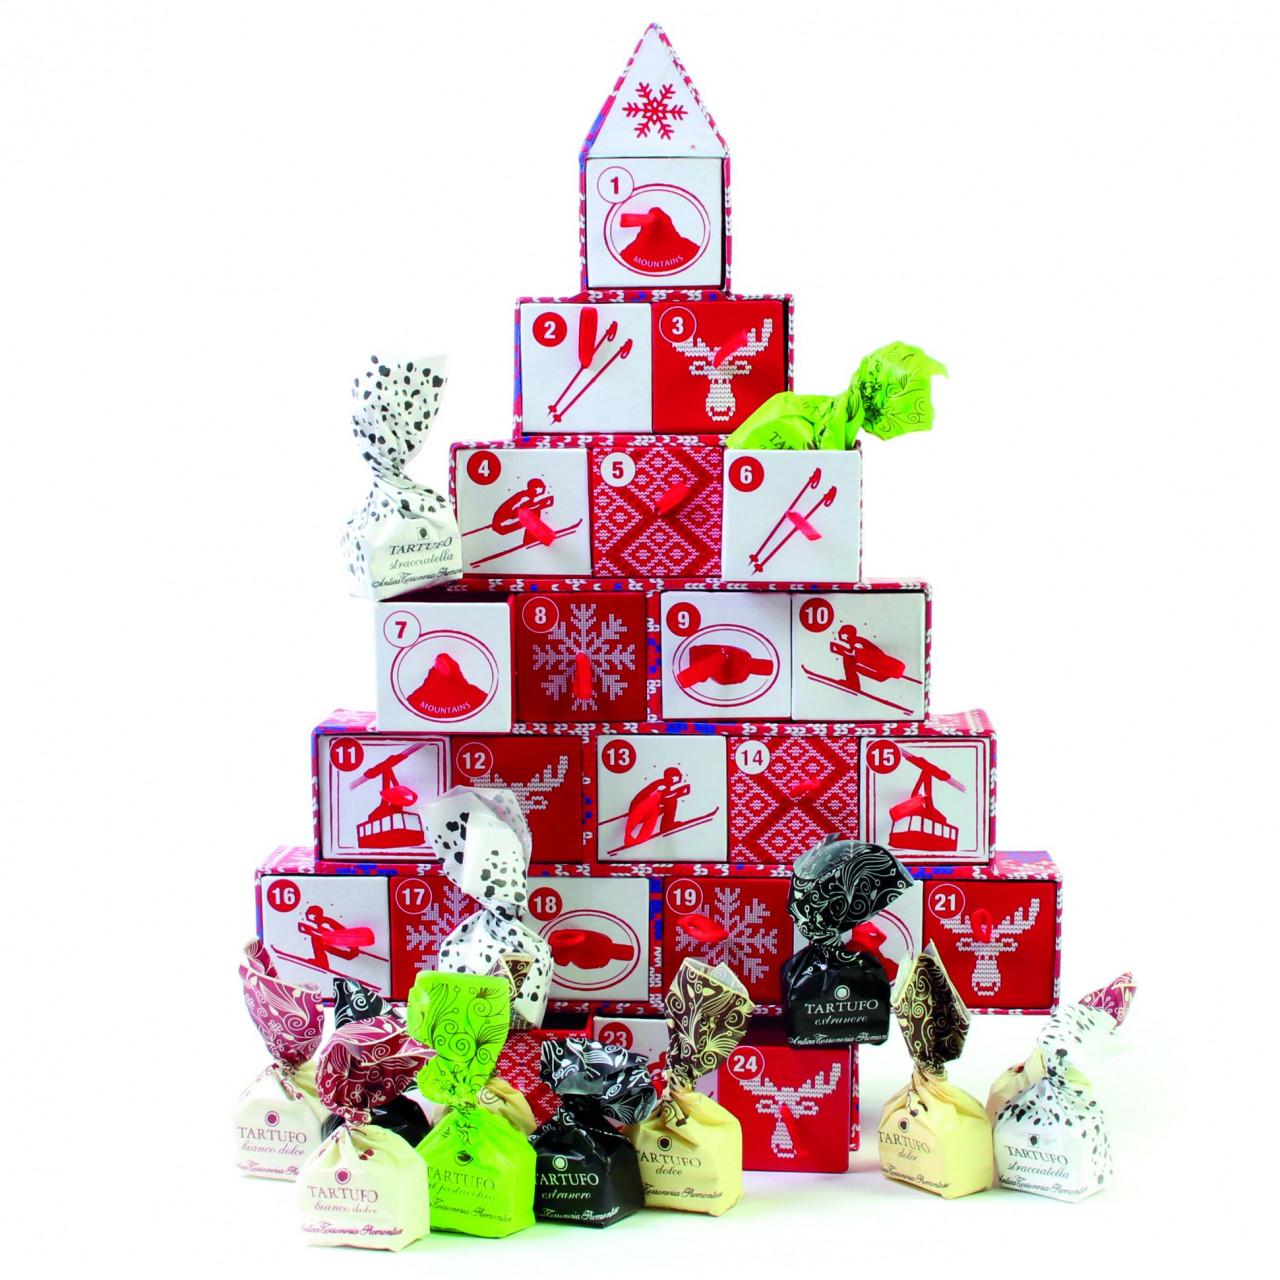 adventskalender_roterbaum_schubladen -  - Chocolats-De-Luxe